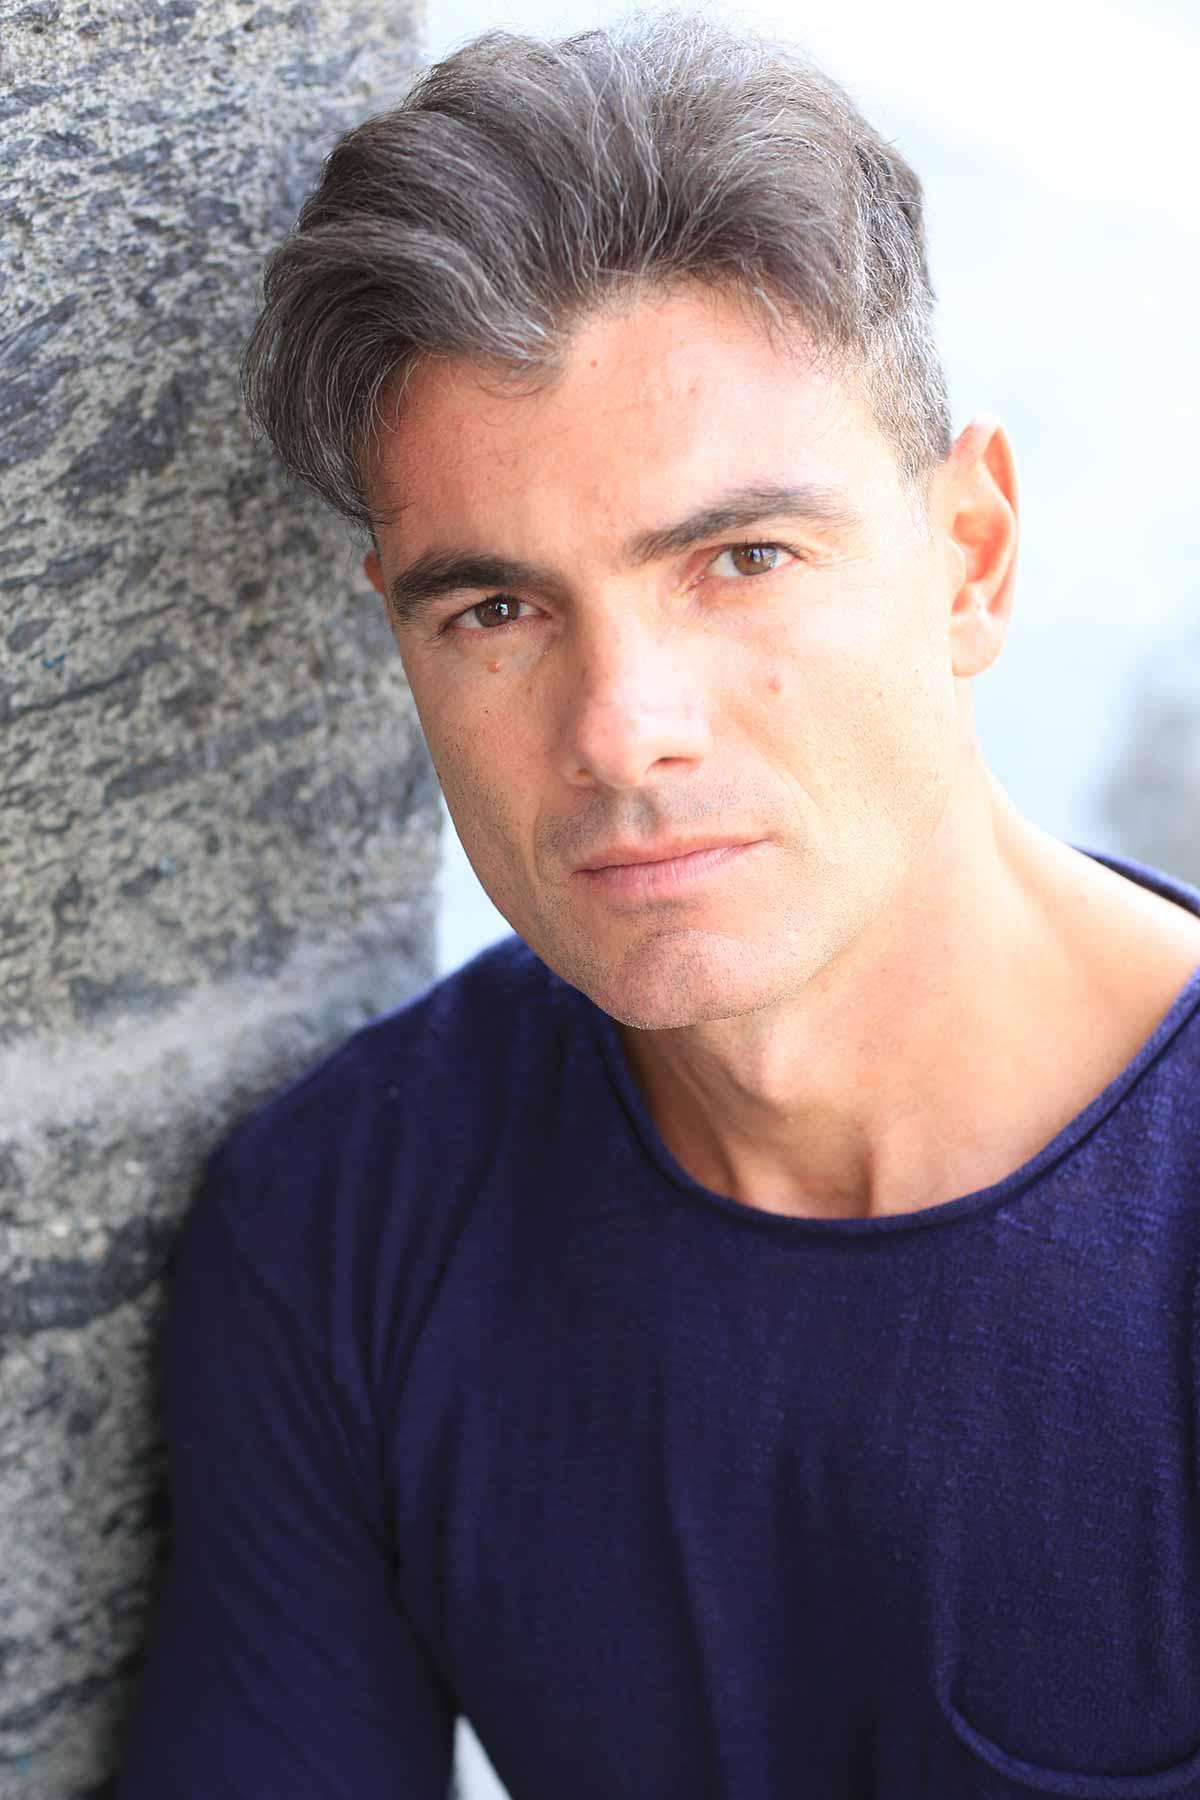 Alessandro Terribile attore italiano